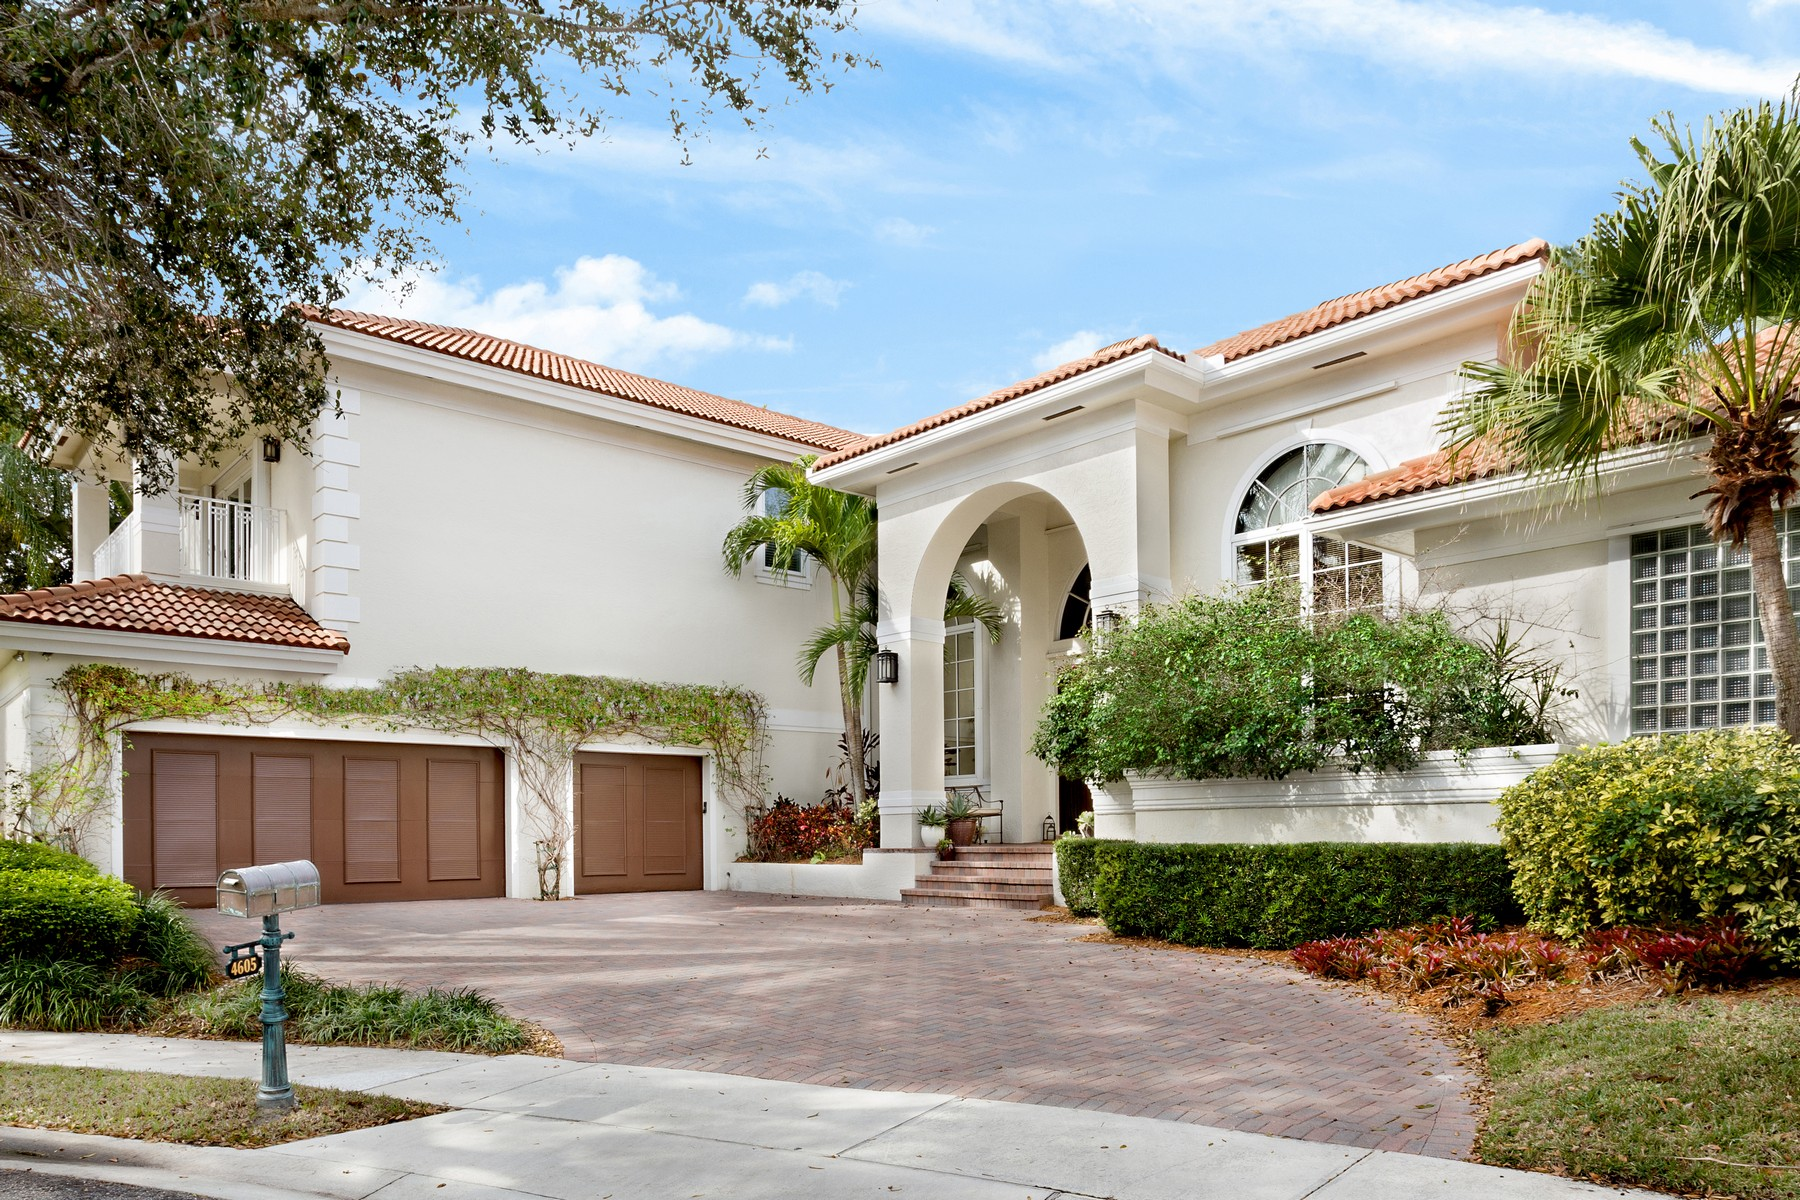 Nhà ở một gia đình vì Bán tại 4605 NW 23rd Terr , Boca Raton, FL 33431 Boca Raton, Florida, 33431 Hoa Kỳ